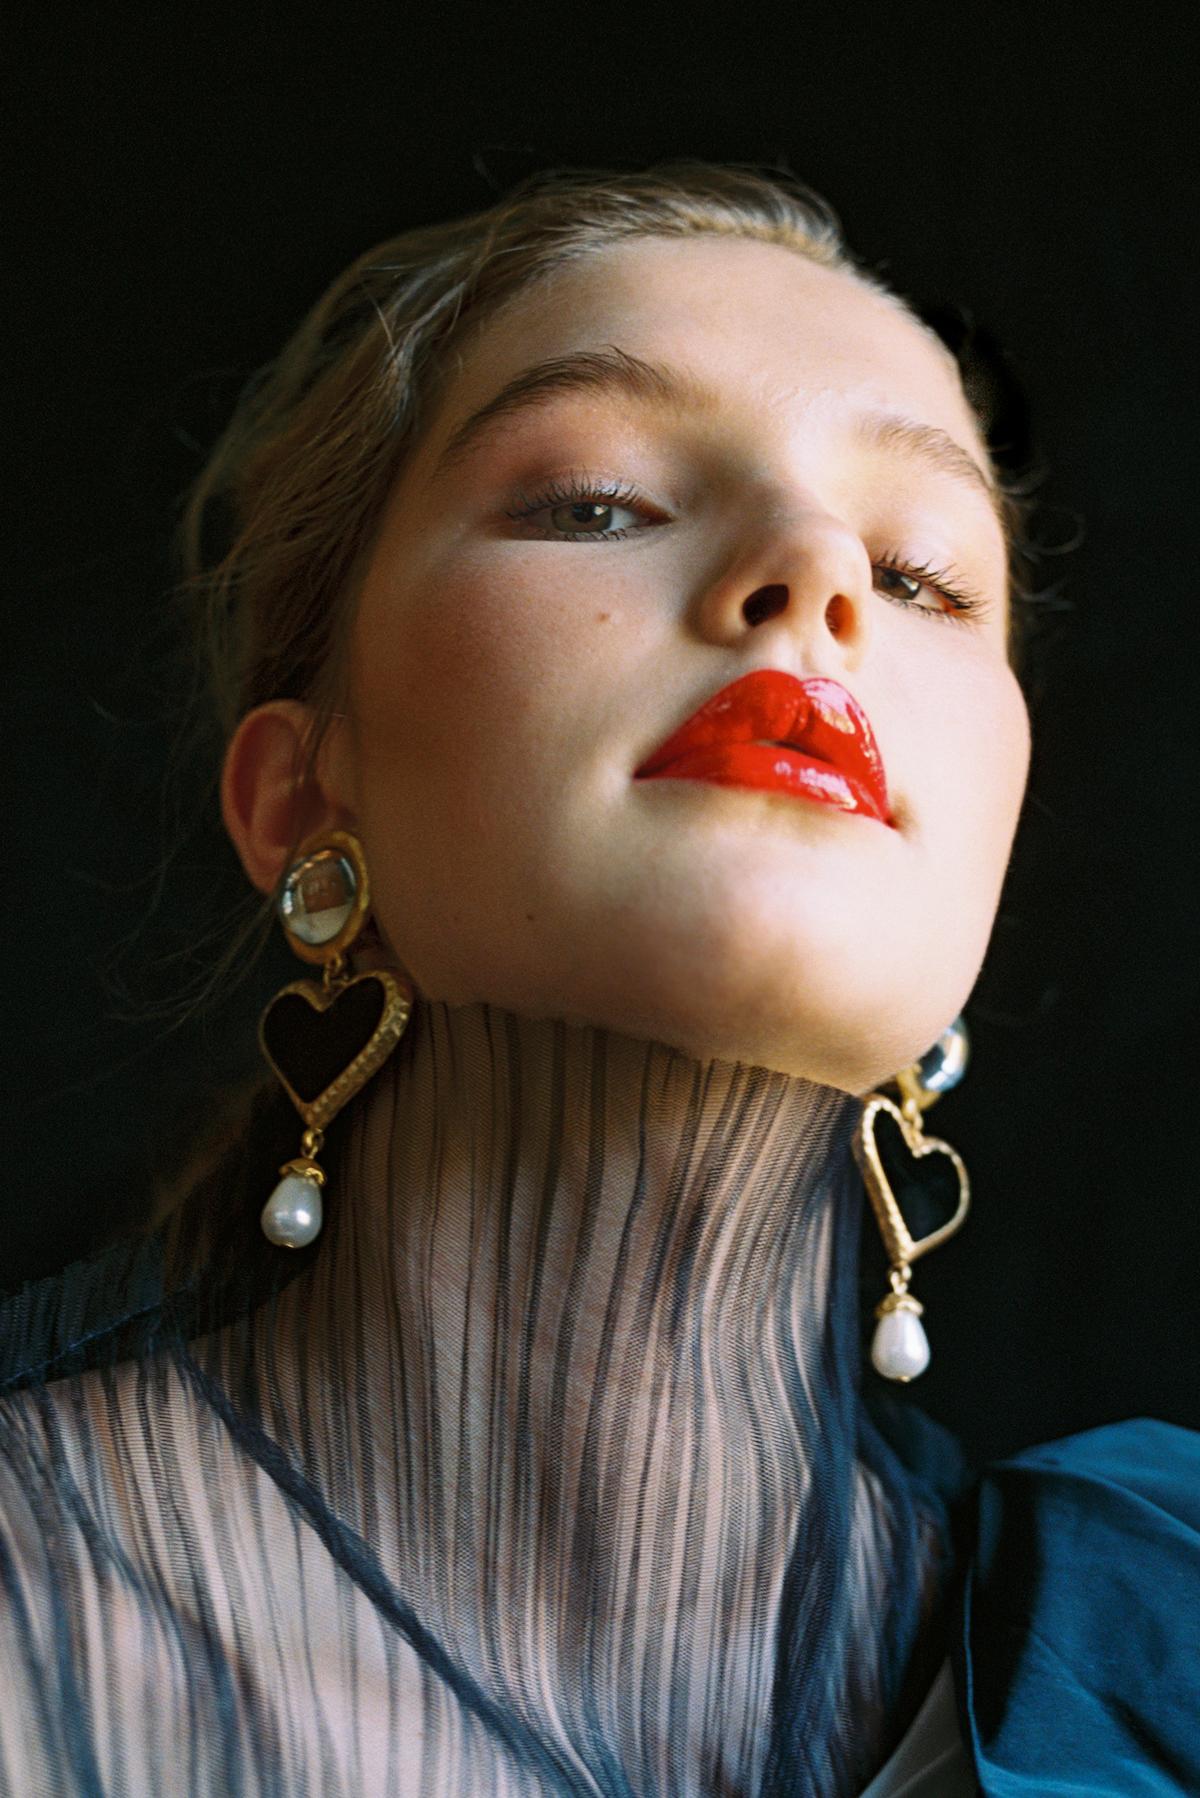 Teeth-Magazine-Ellie-Thumann-06.jpg